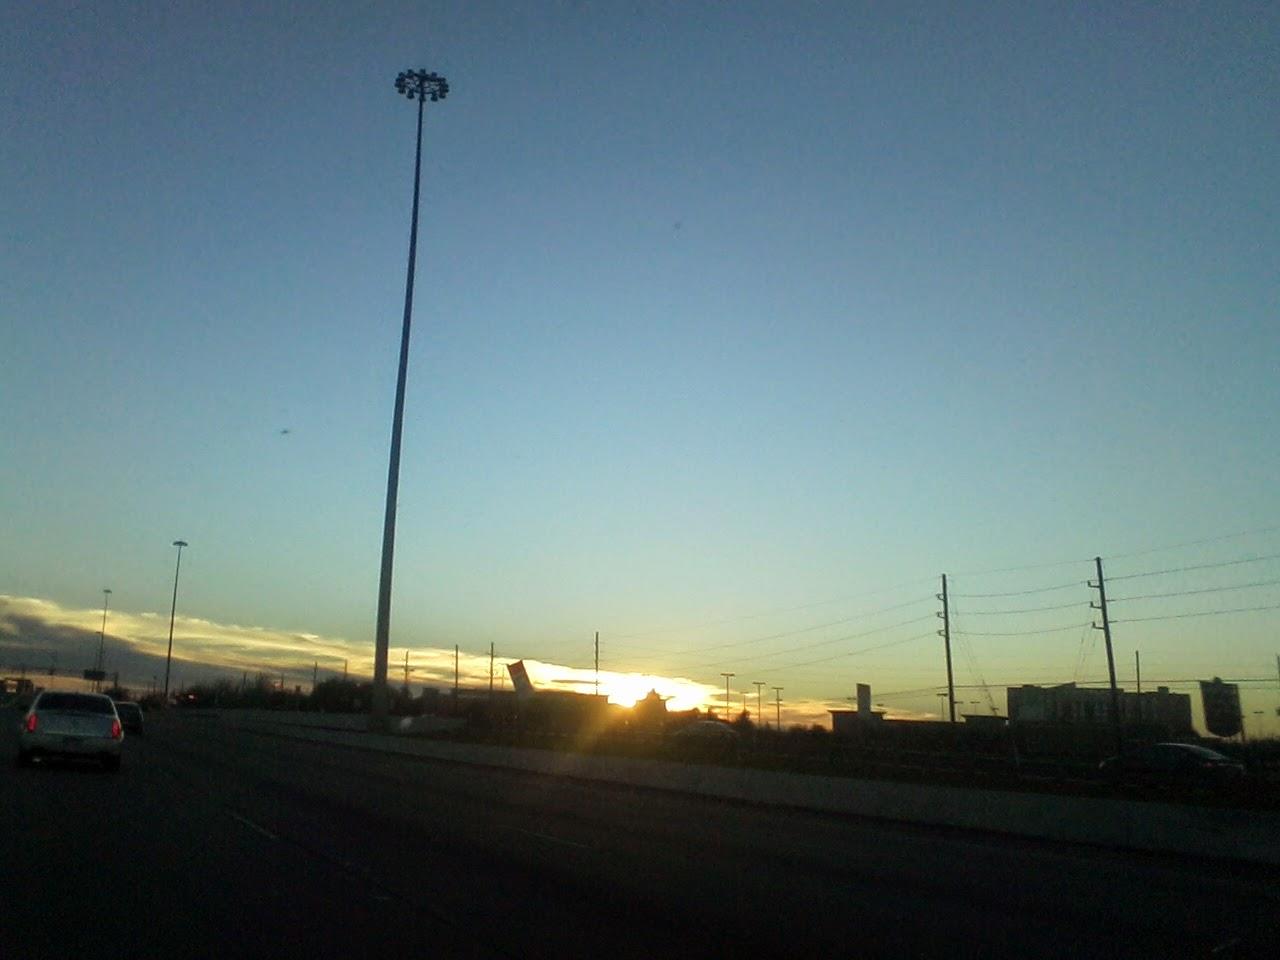 Sky - 0118174118.jpg